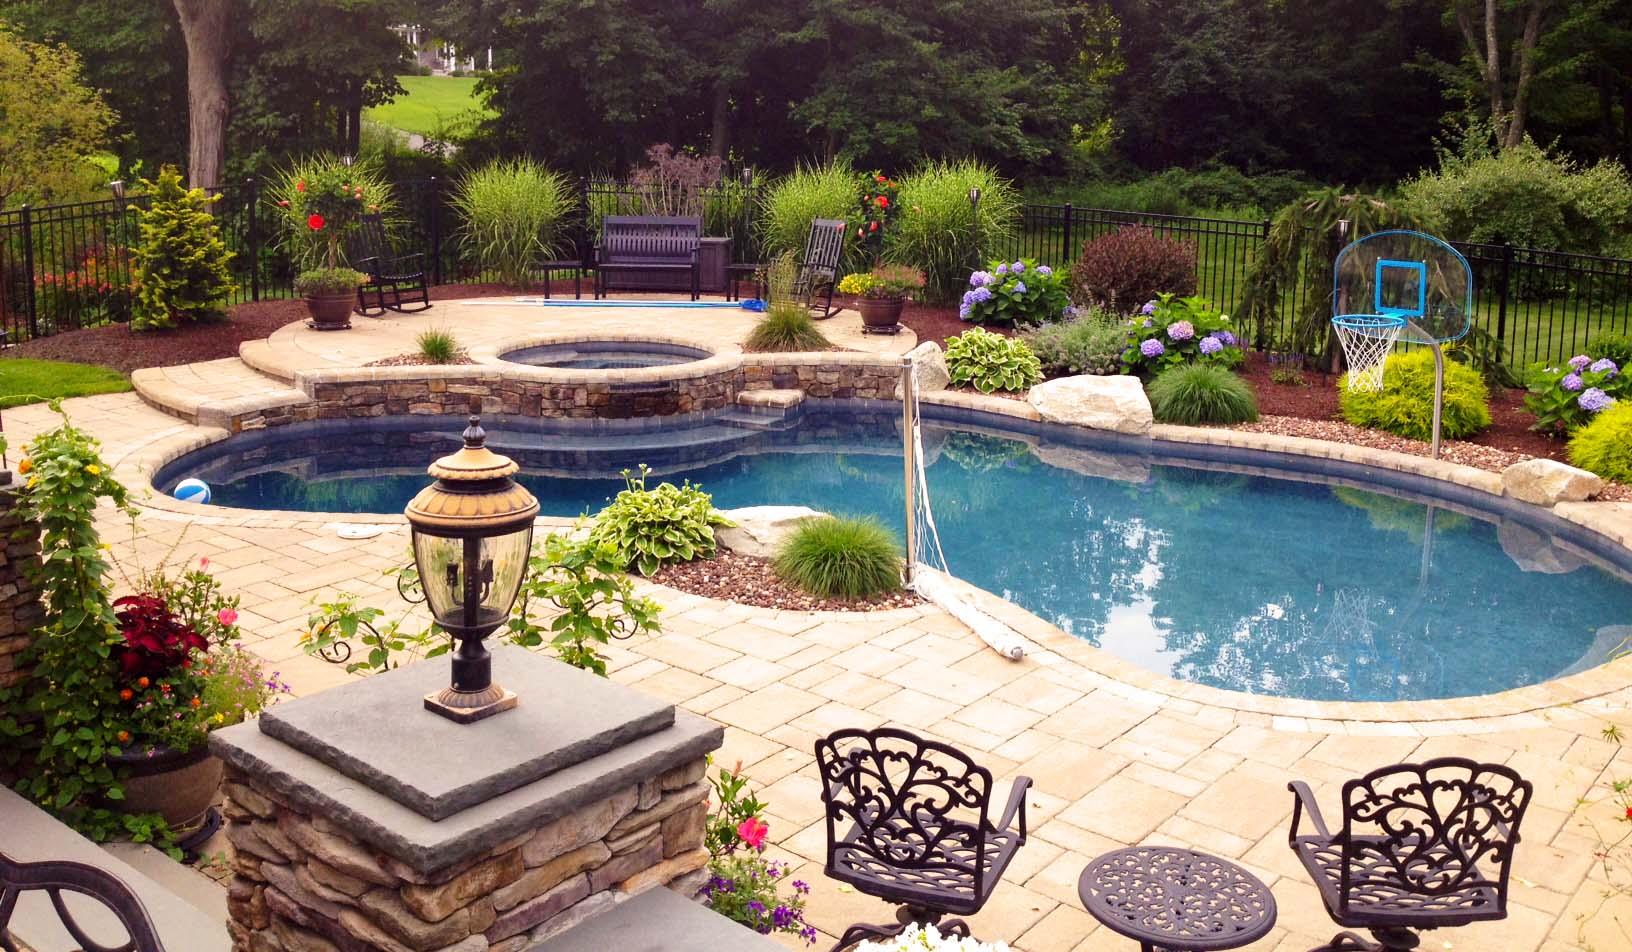 2016 Luxury Backyard Design Trends & 2015 Backyard of the ... on Luxury Backyard Design id=49804